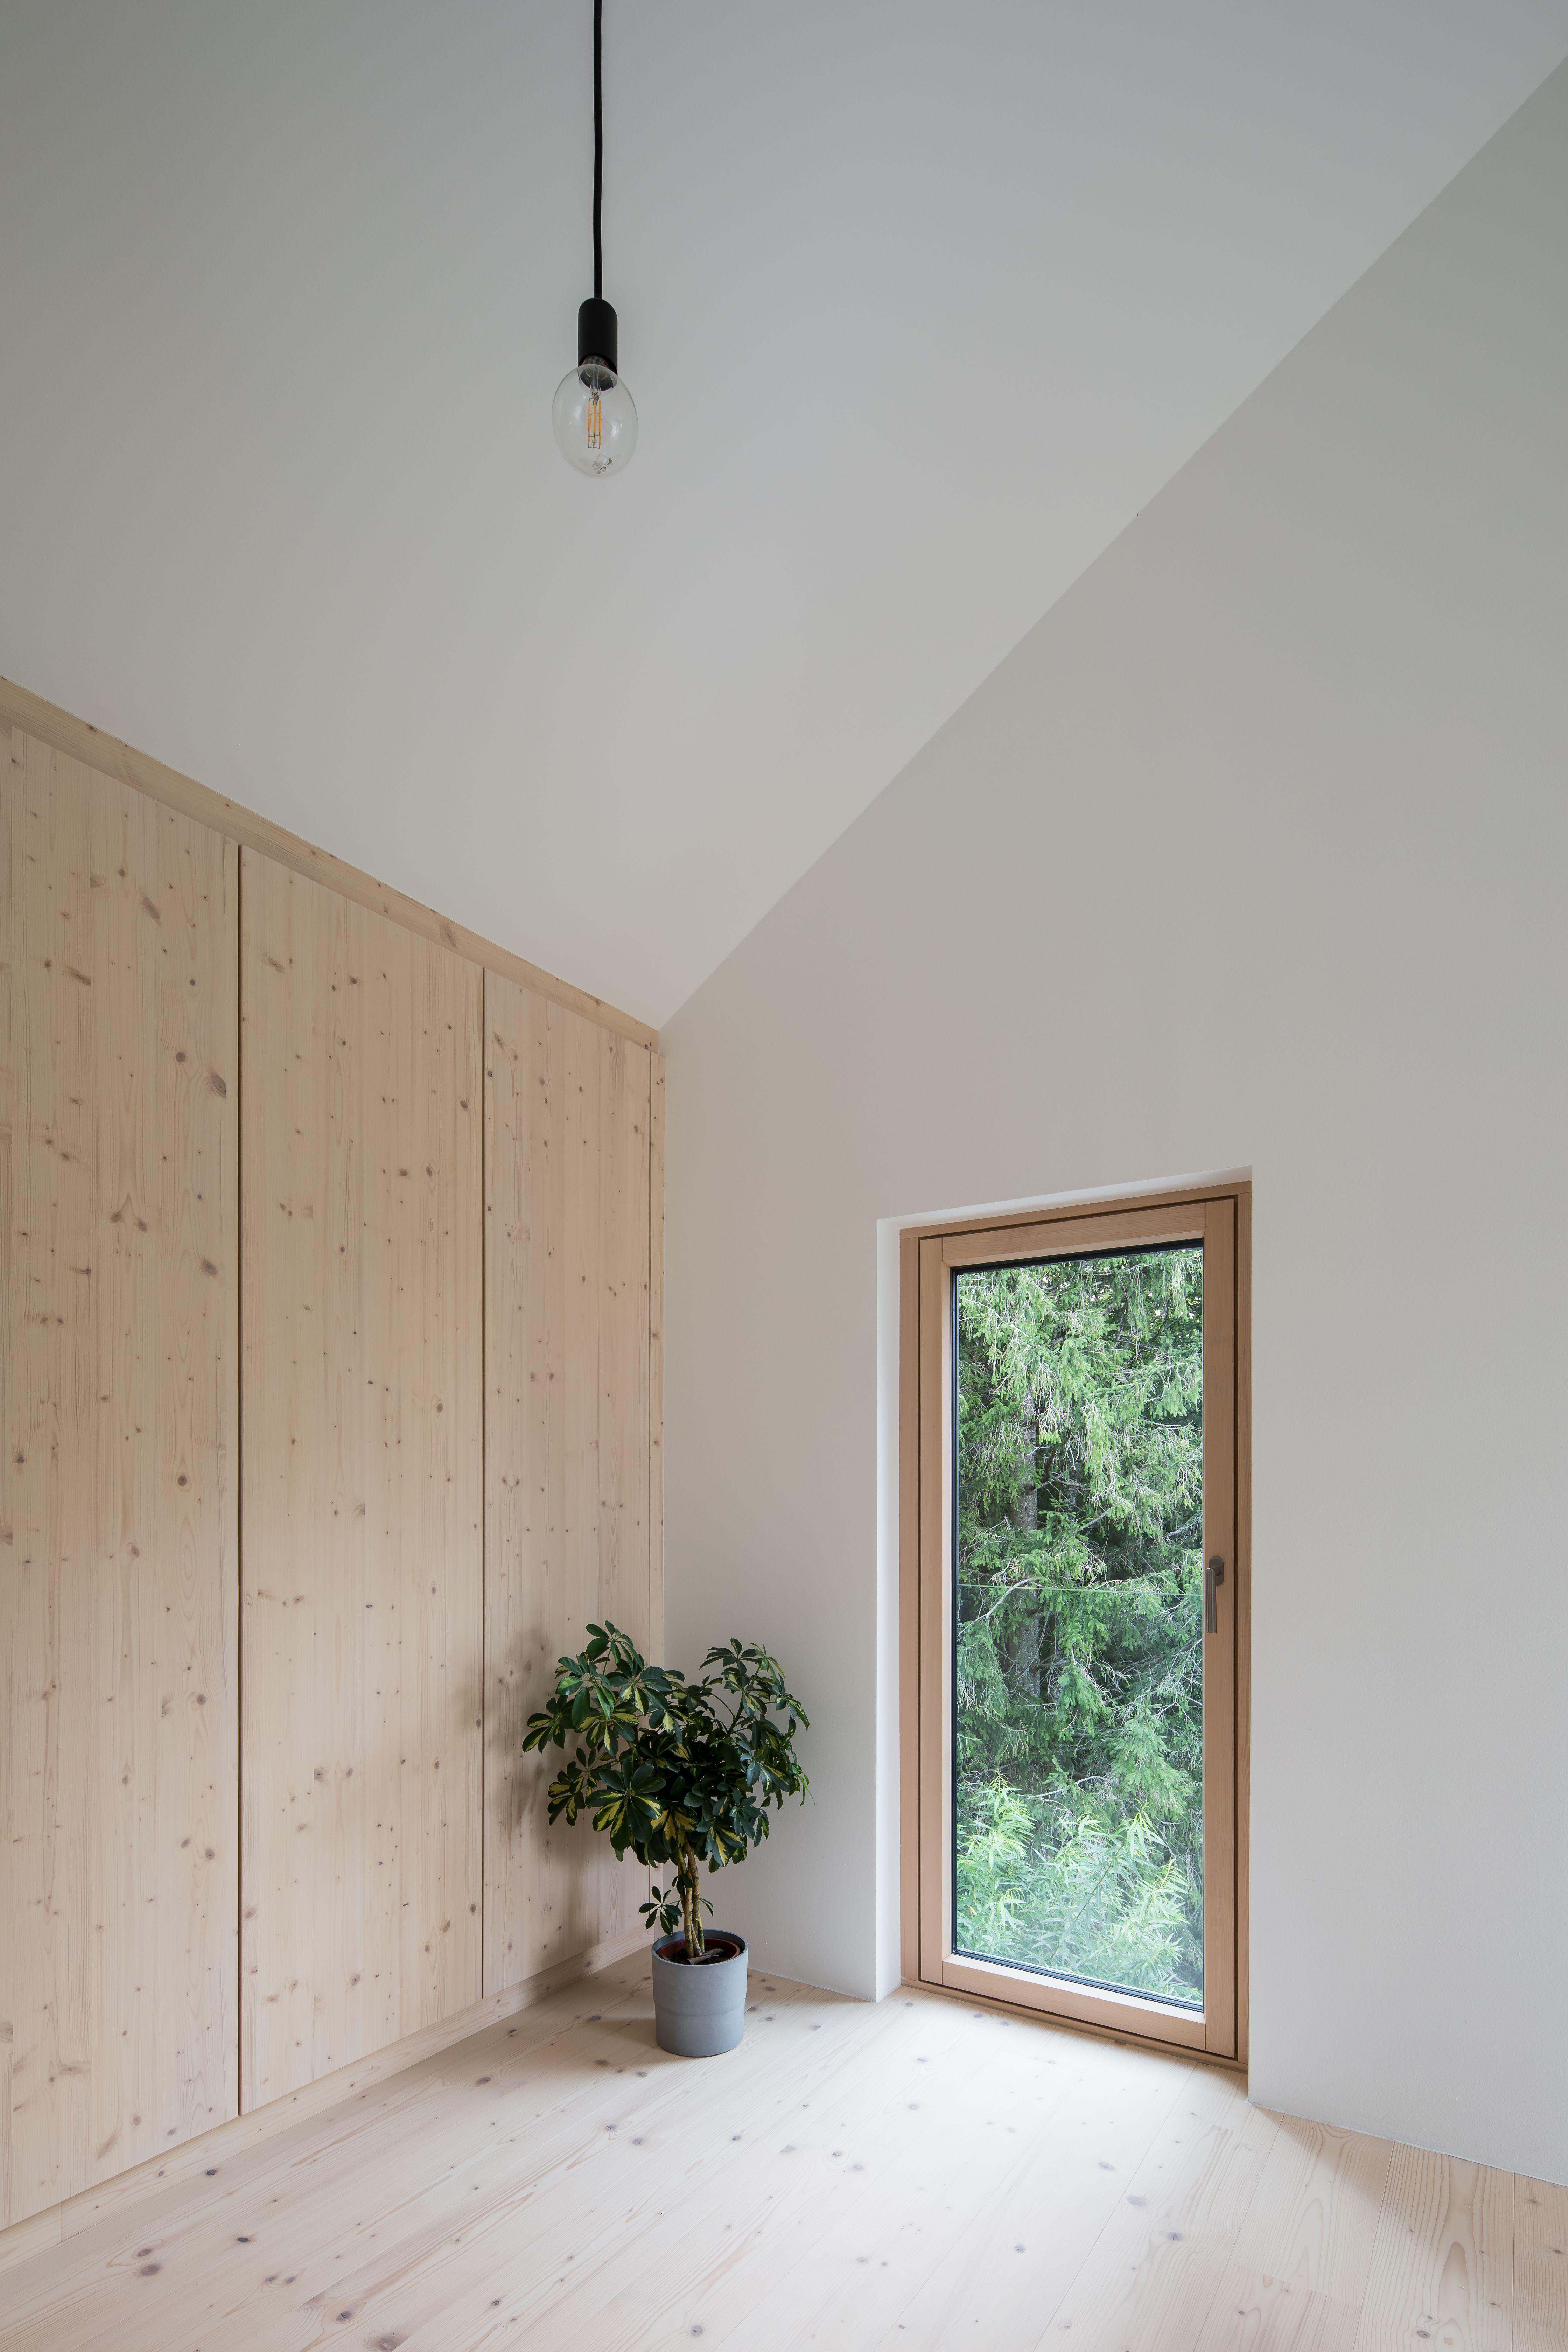 Wohnhaus von Sigurd Larsen in Oberösterreich - Projekte